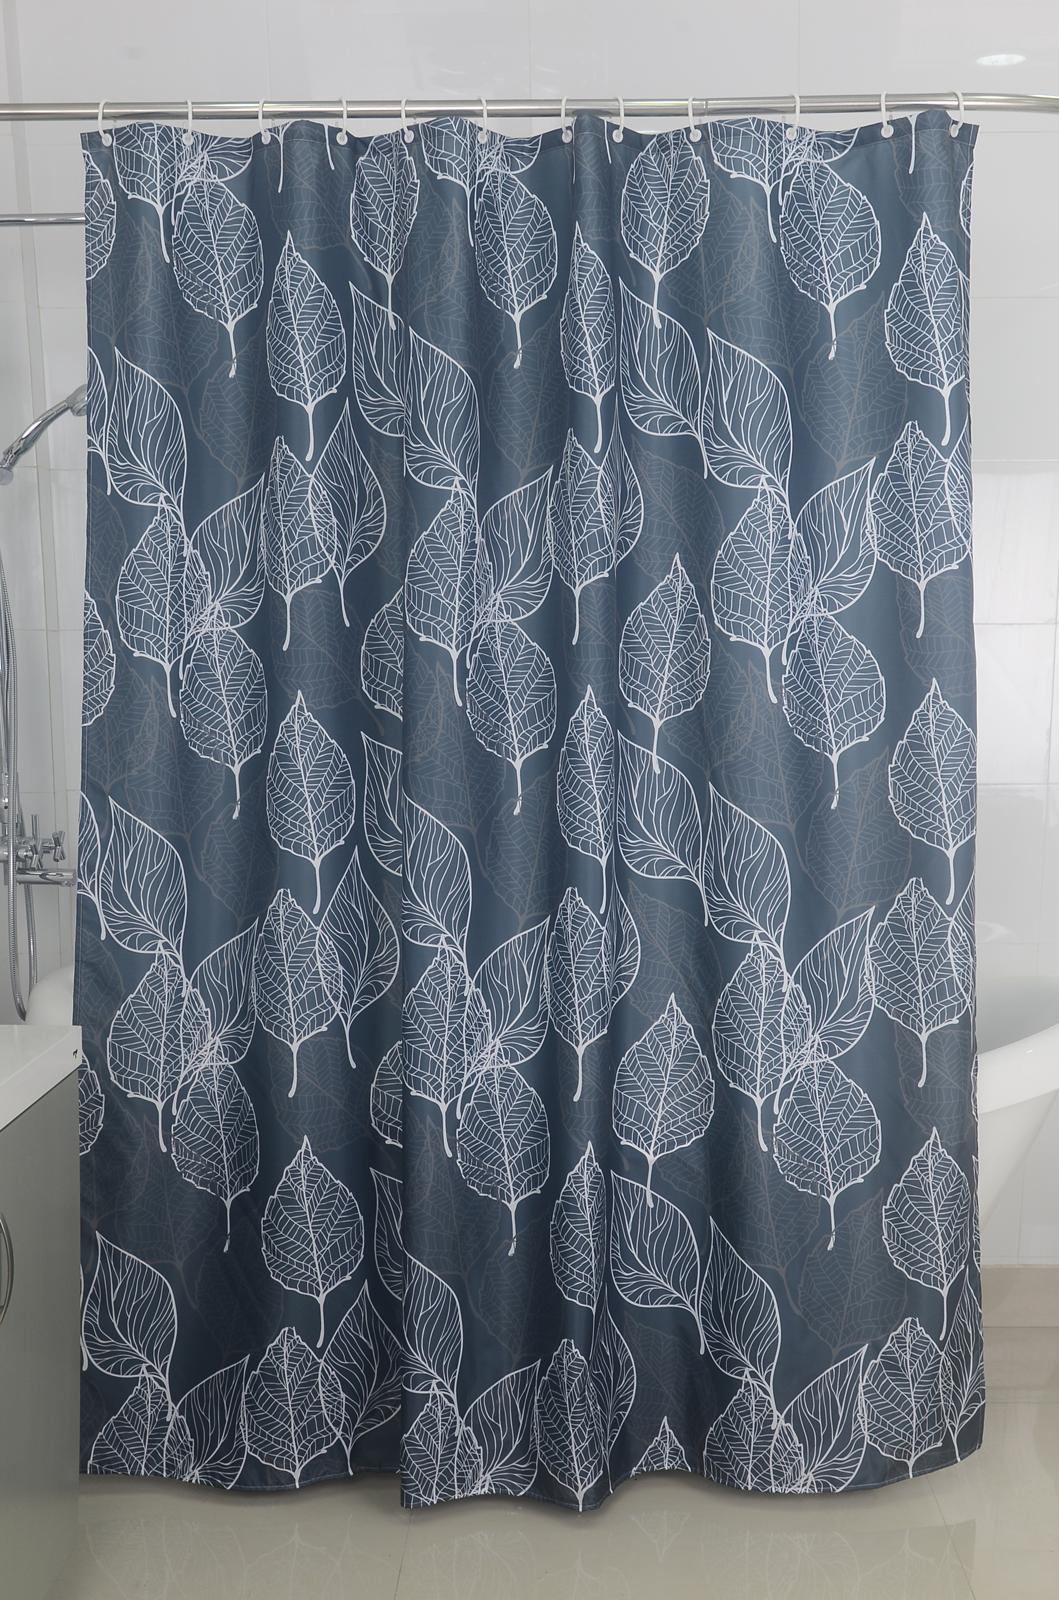 Badtextilien - Textil Duschvorhang Badewannenvorhang Vorhang 180x200 incl. 12 Ringe 568117 Leaf  - Onlineshop PremiumShop321